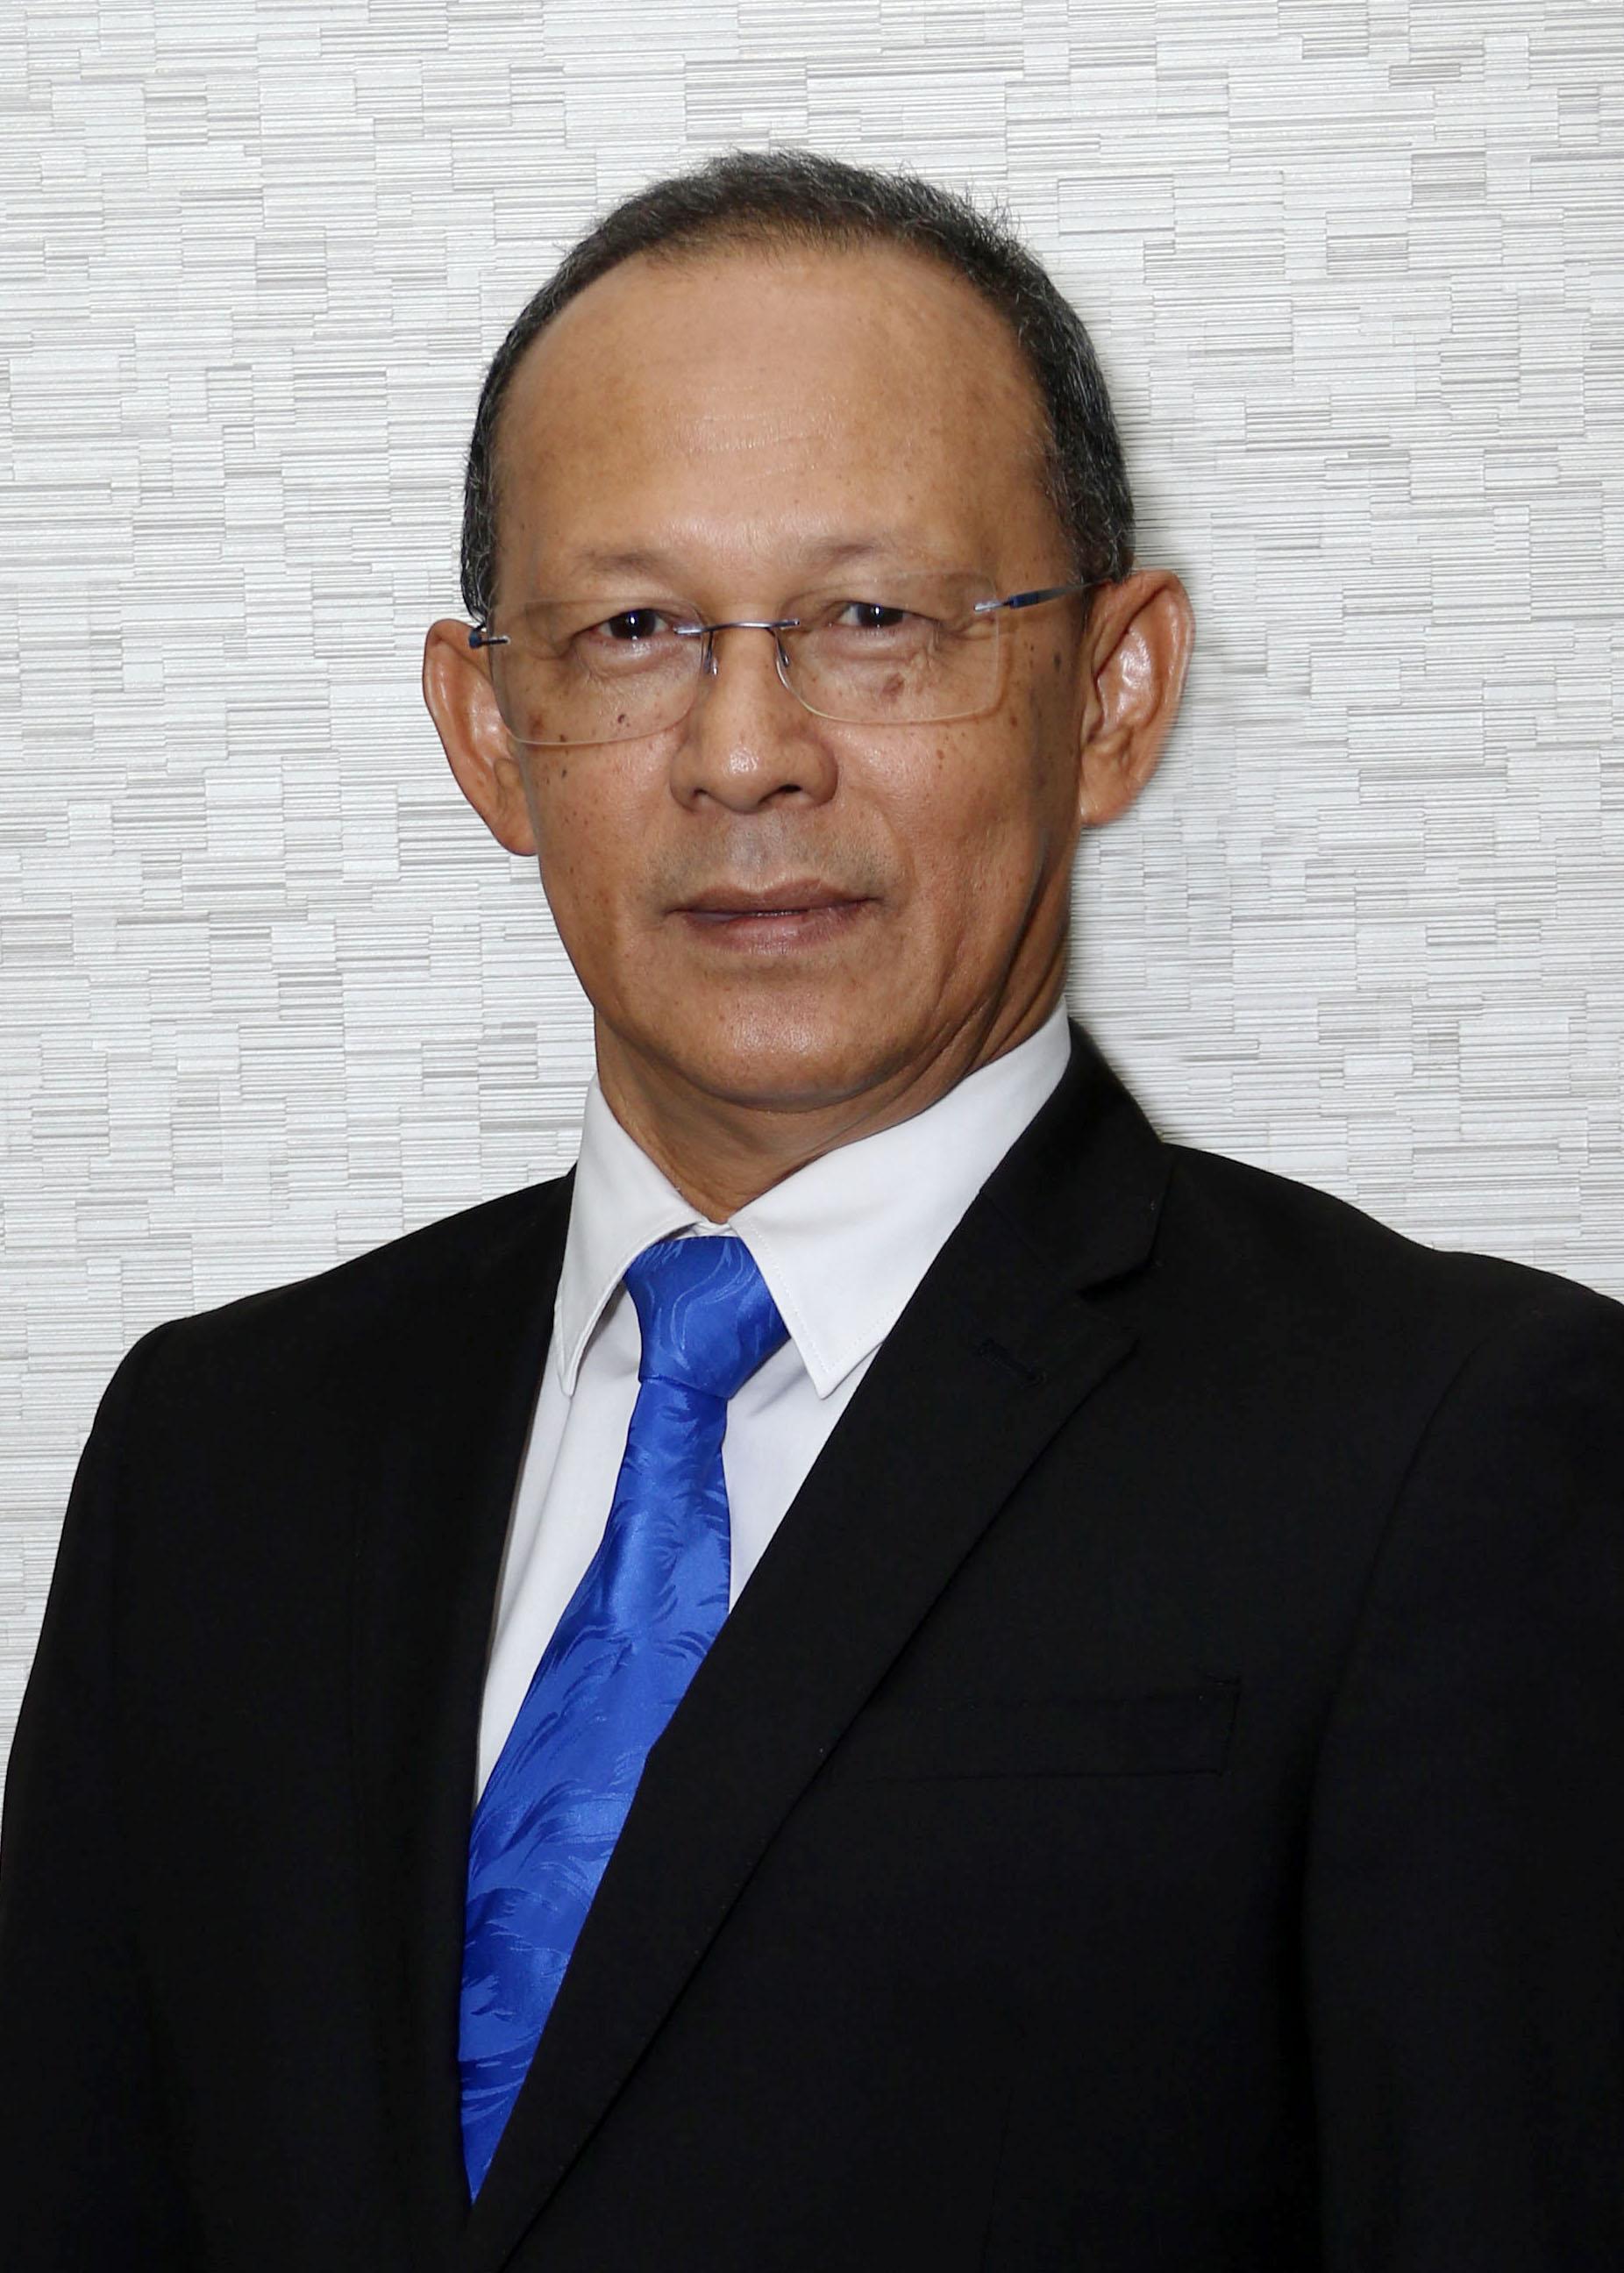 Haji Mohd. Salleh bin Haji Sani